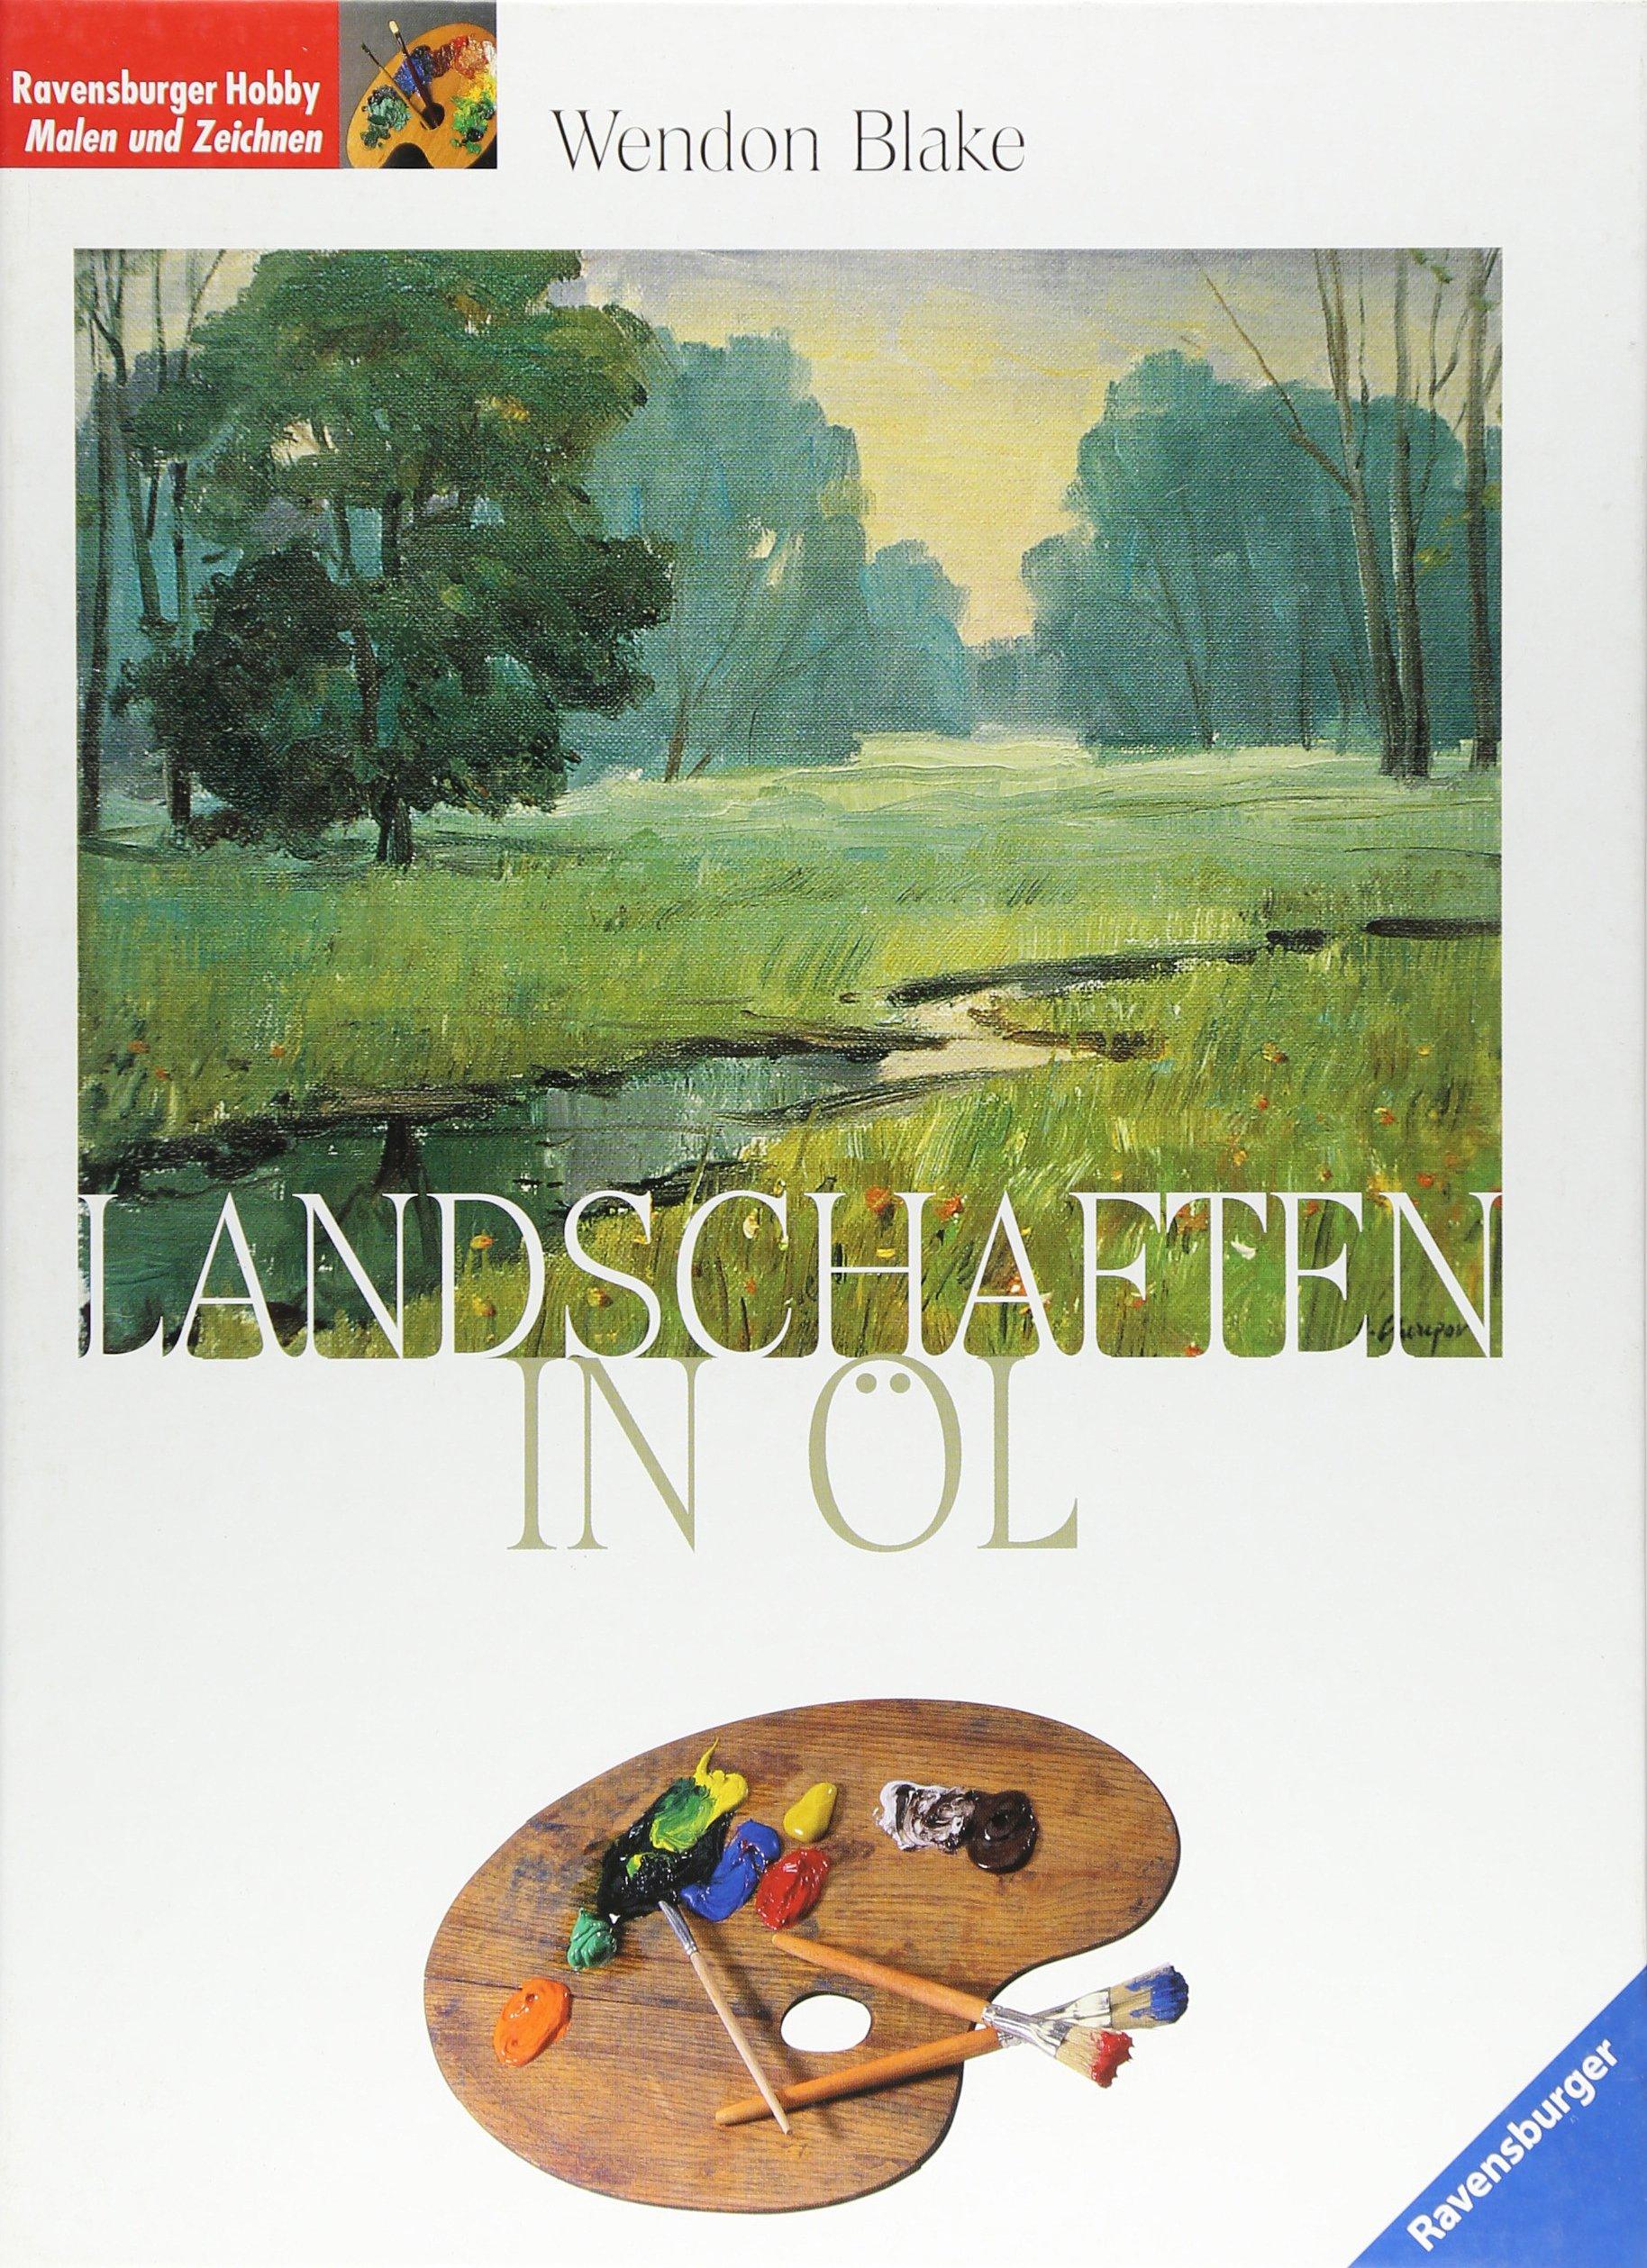 Landschaften in Öl